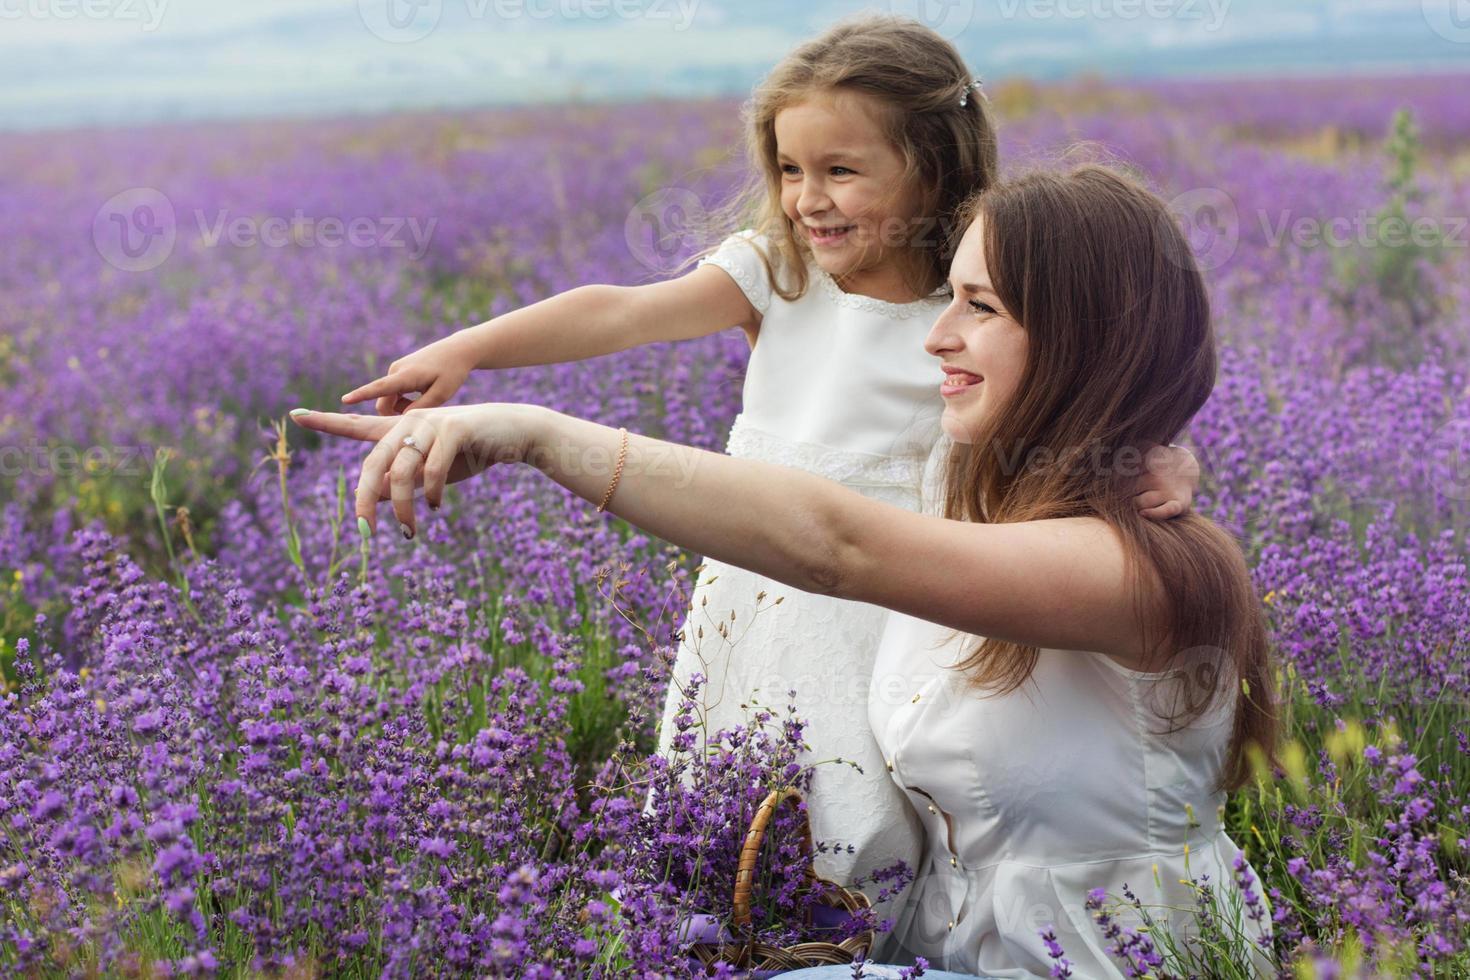 moeder met dochter in lavendelveld houden mand vast foto